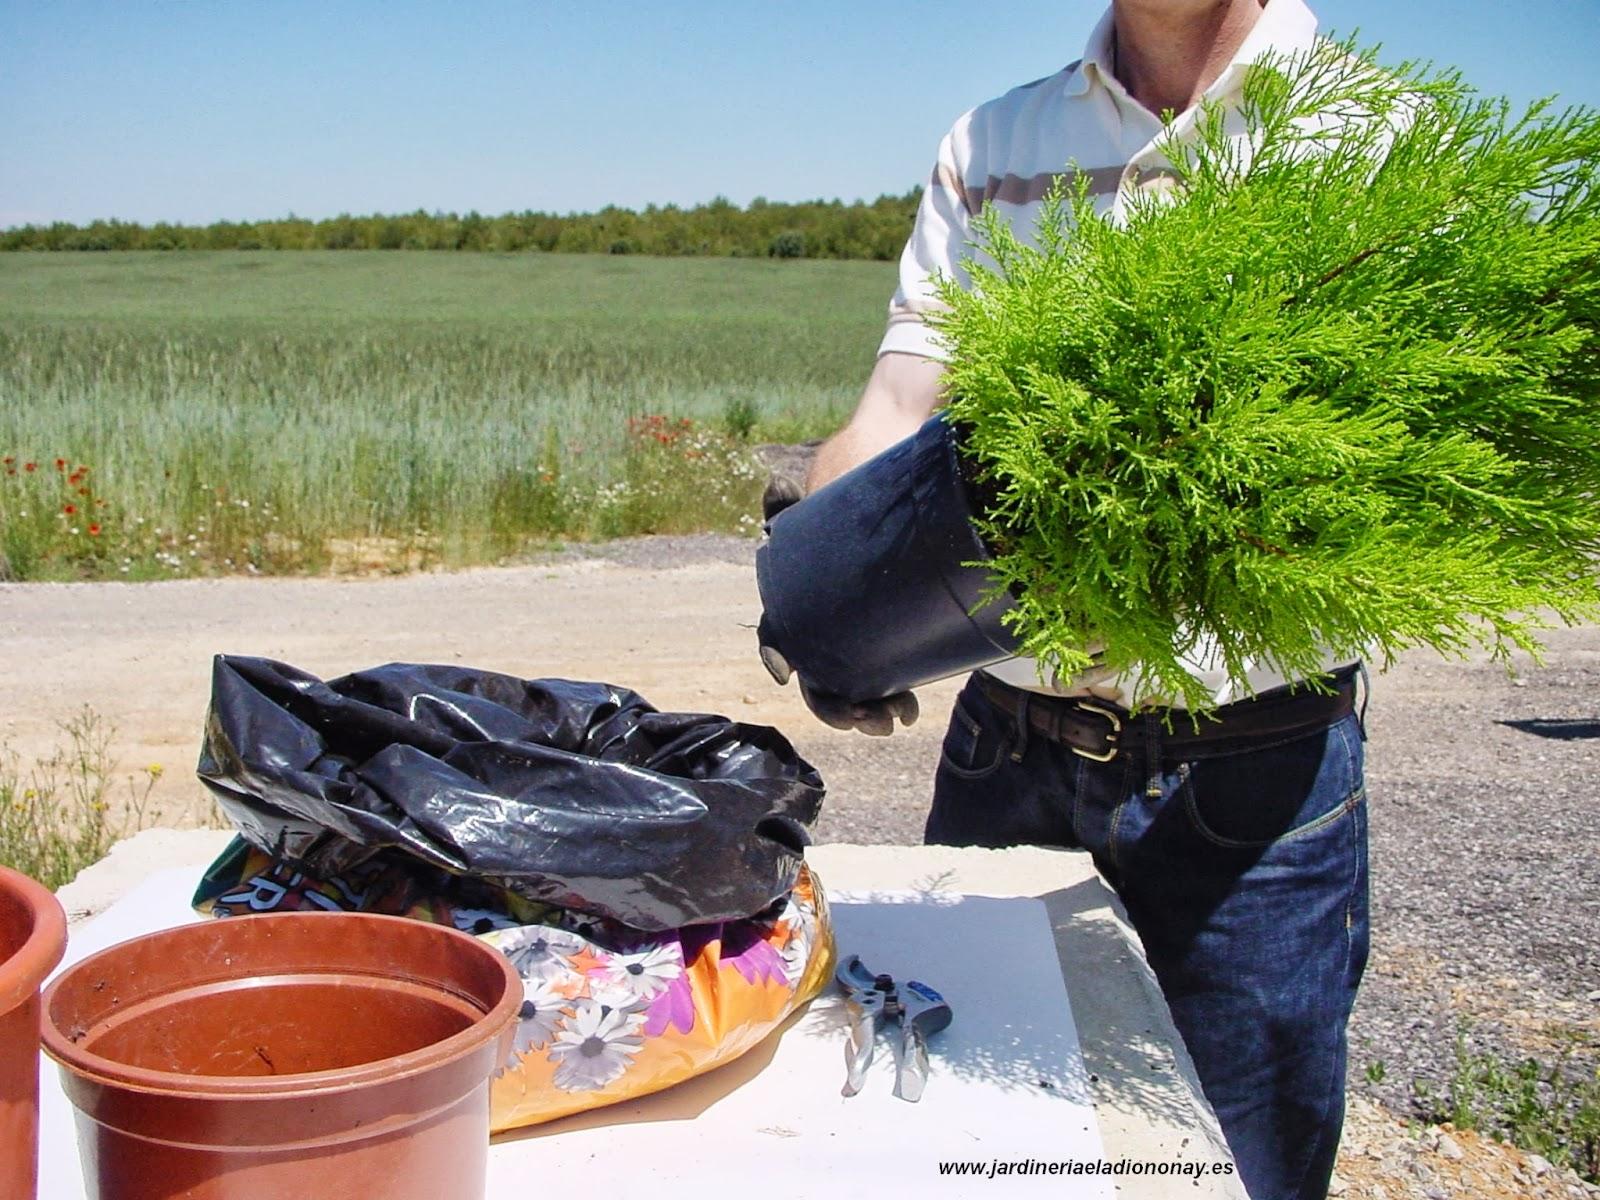 Jardineria eladio nonay trasplante planta jardiner a - Jardineria eladio nonay ...